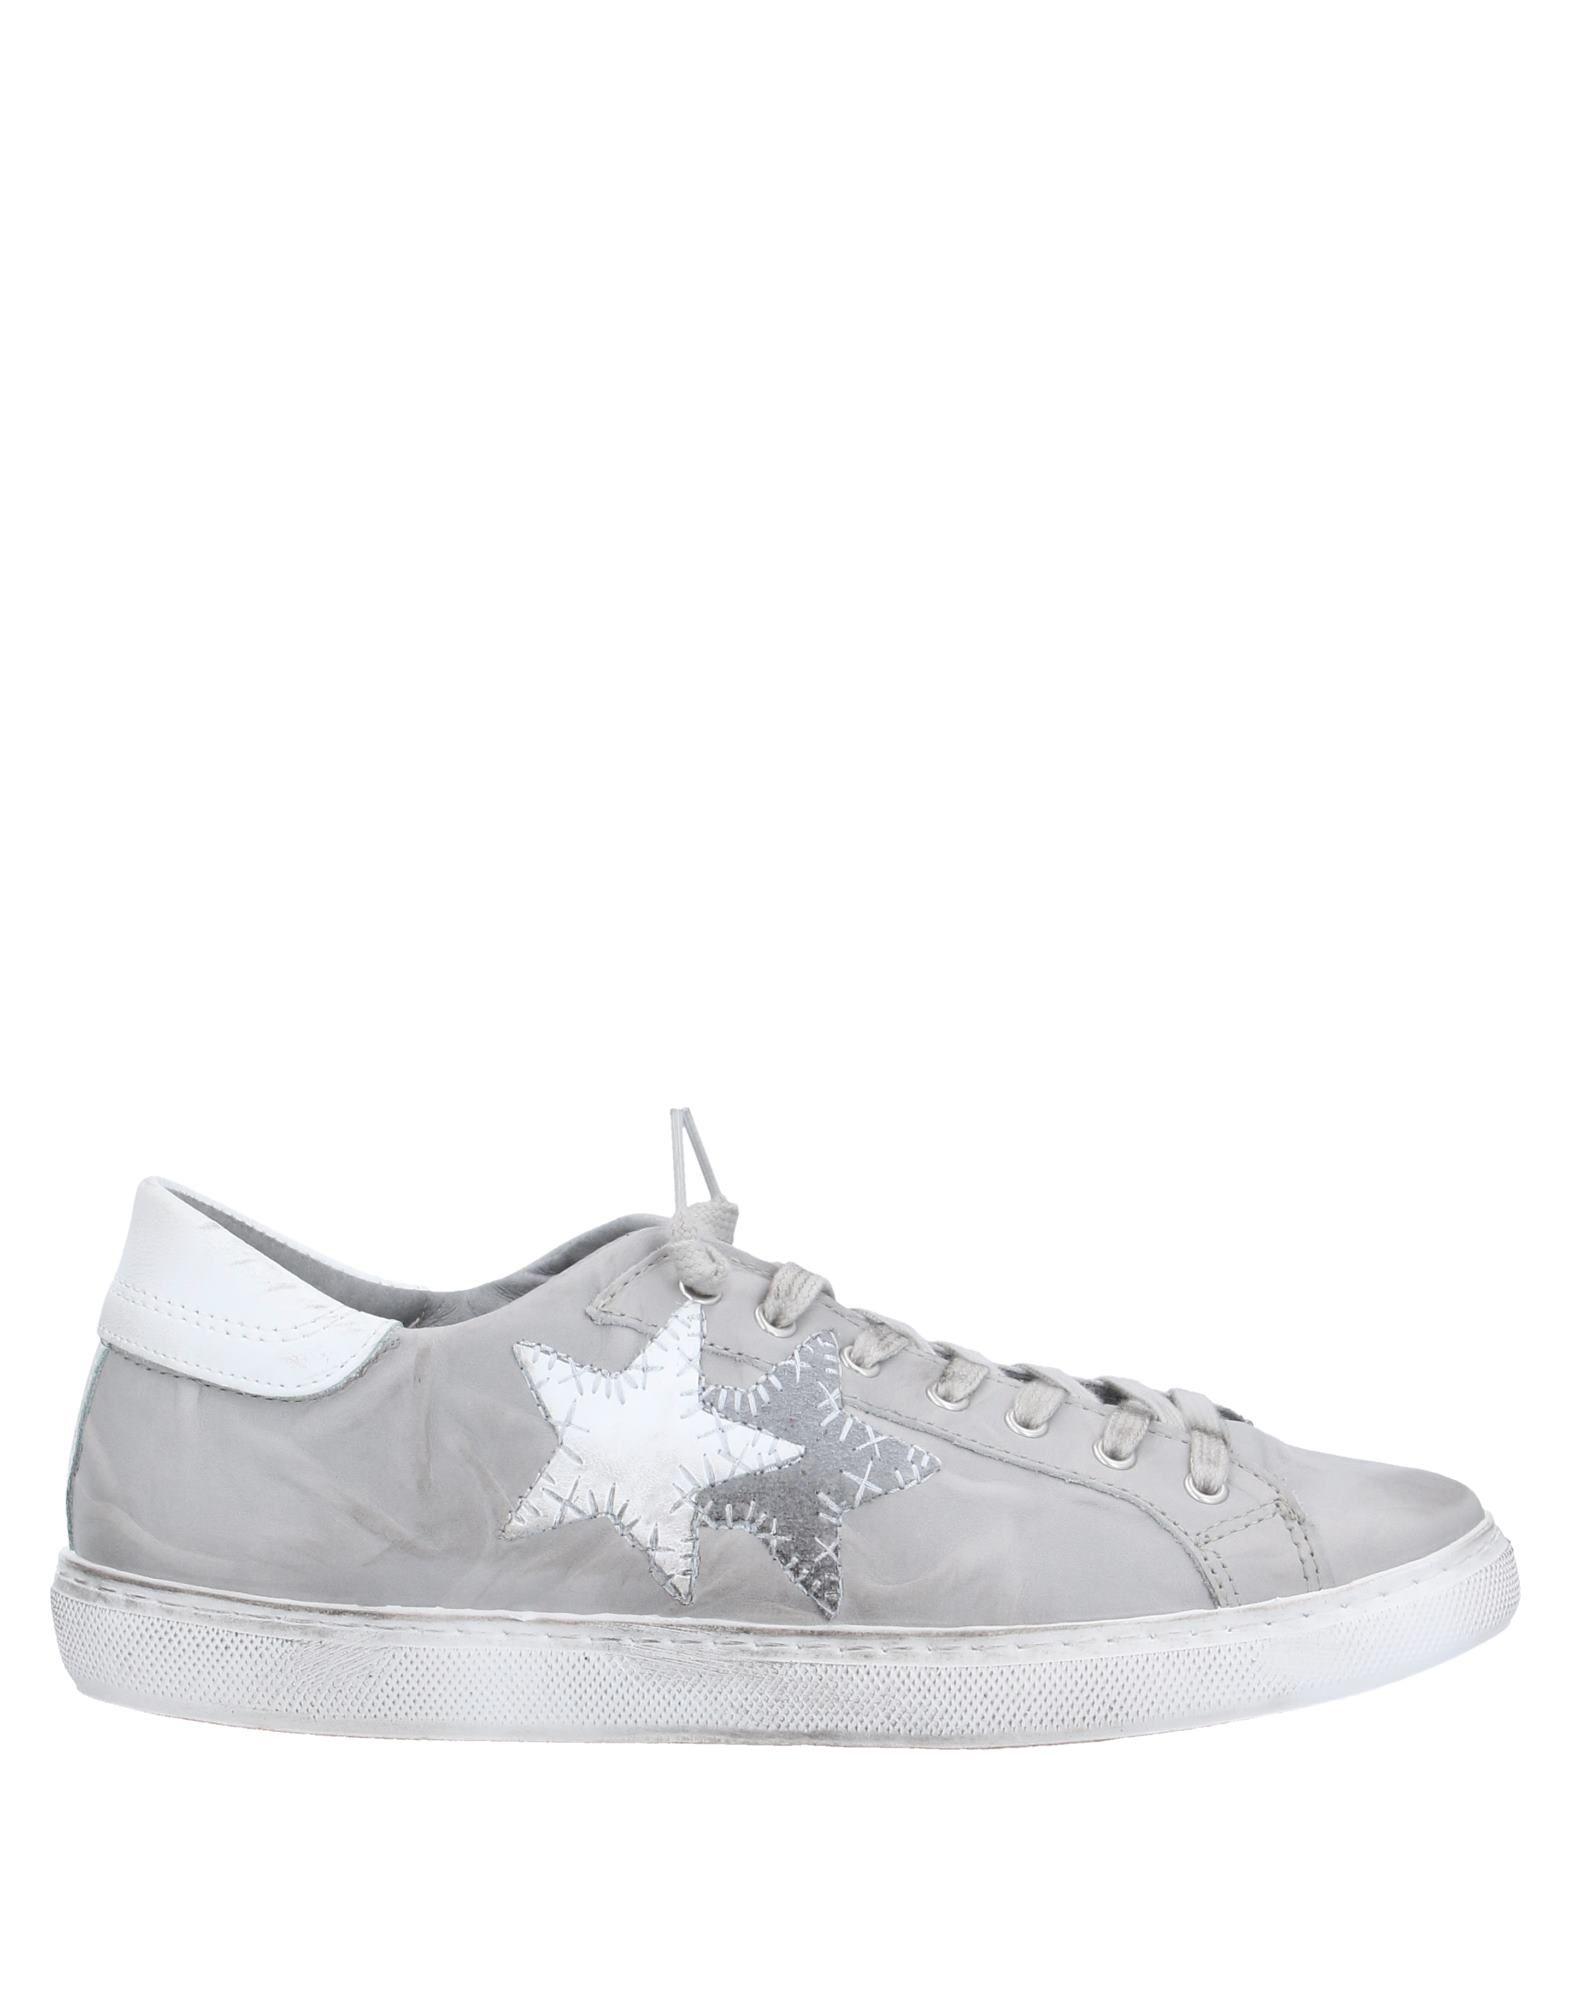 2star низкие кеды и кроссовки 2STAR Низкие кеды и кроссовки